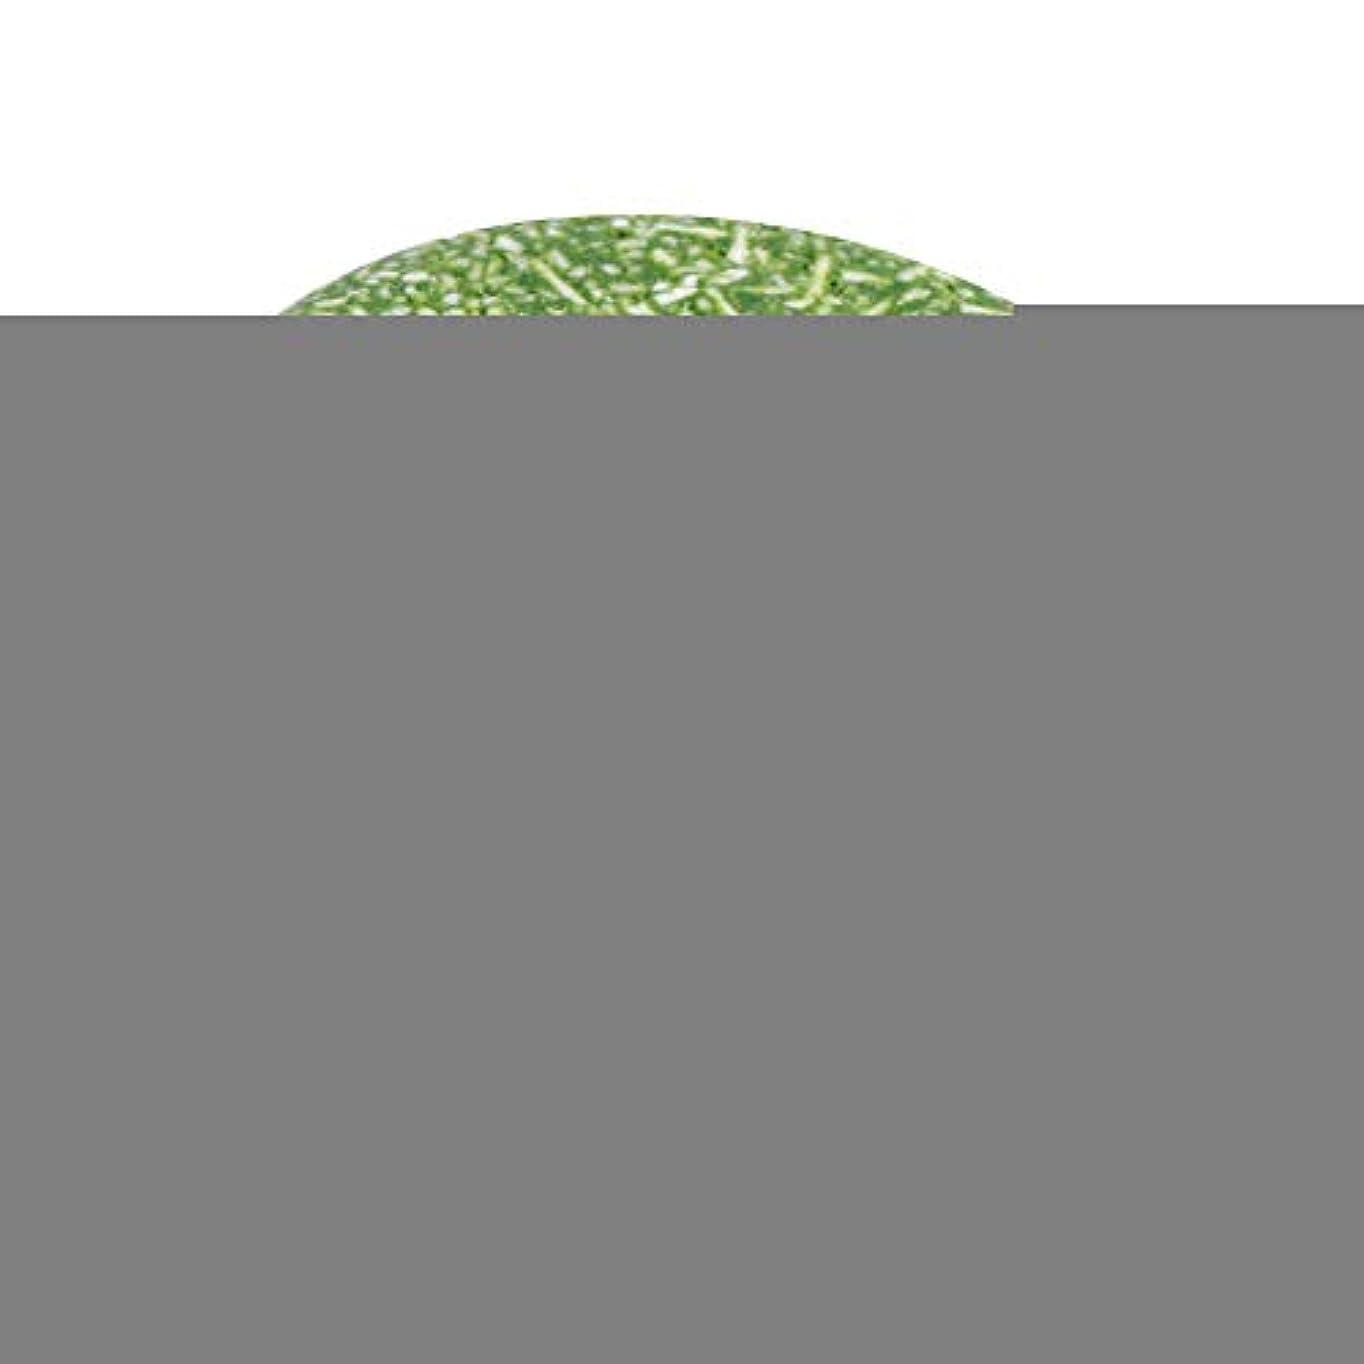 落胆した武装解除サイレント4色オーガニック手作りコールド加工シナモンシャンプーバー100%ピュアヘアシャンプー(緑)